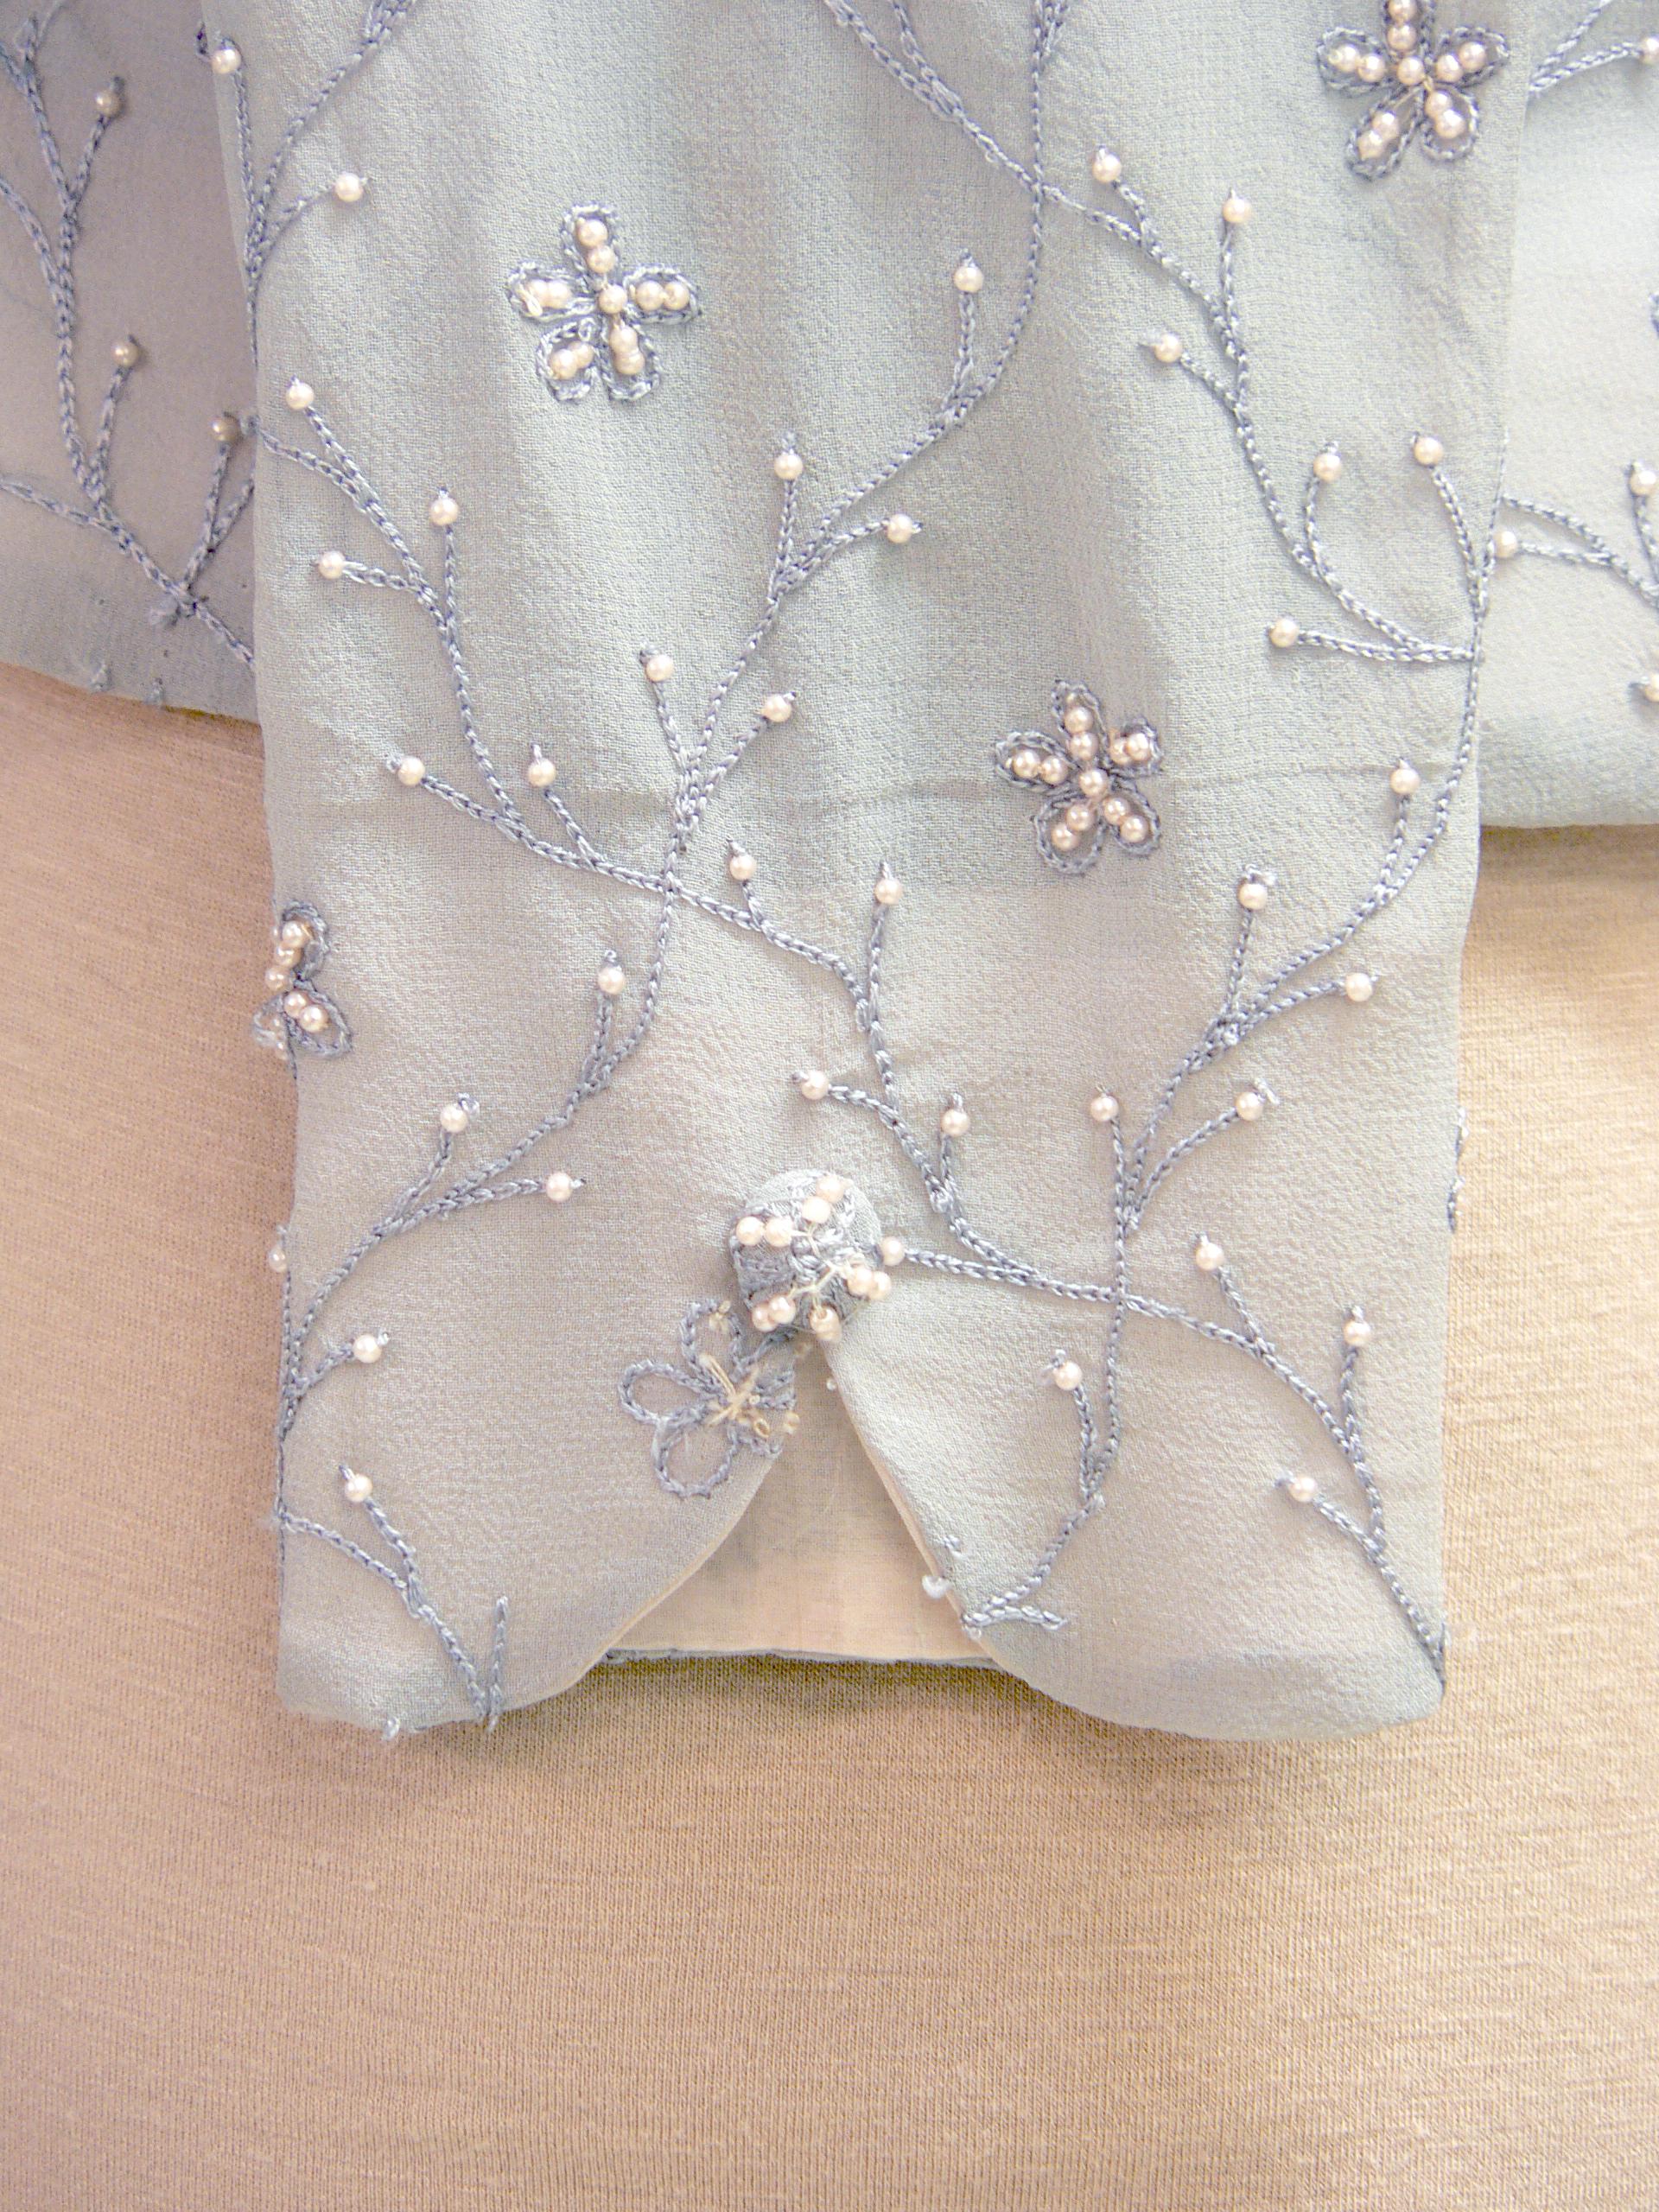 jacket08_sleeve_detail.jpg